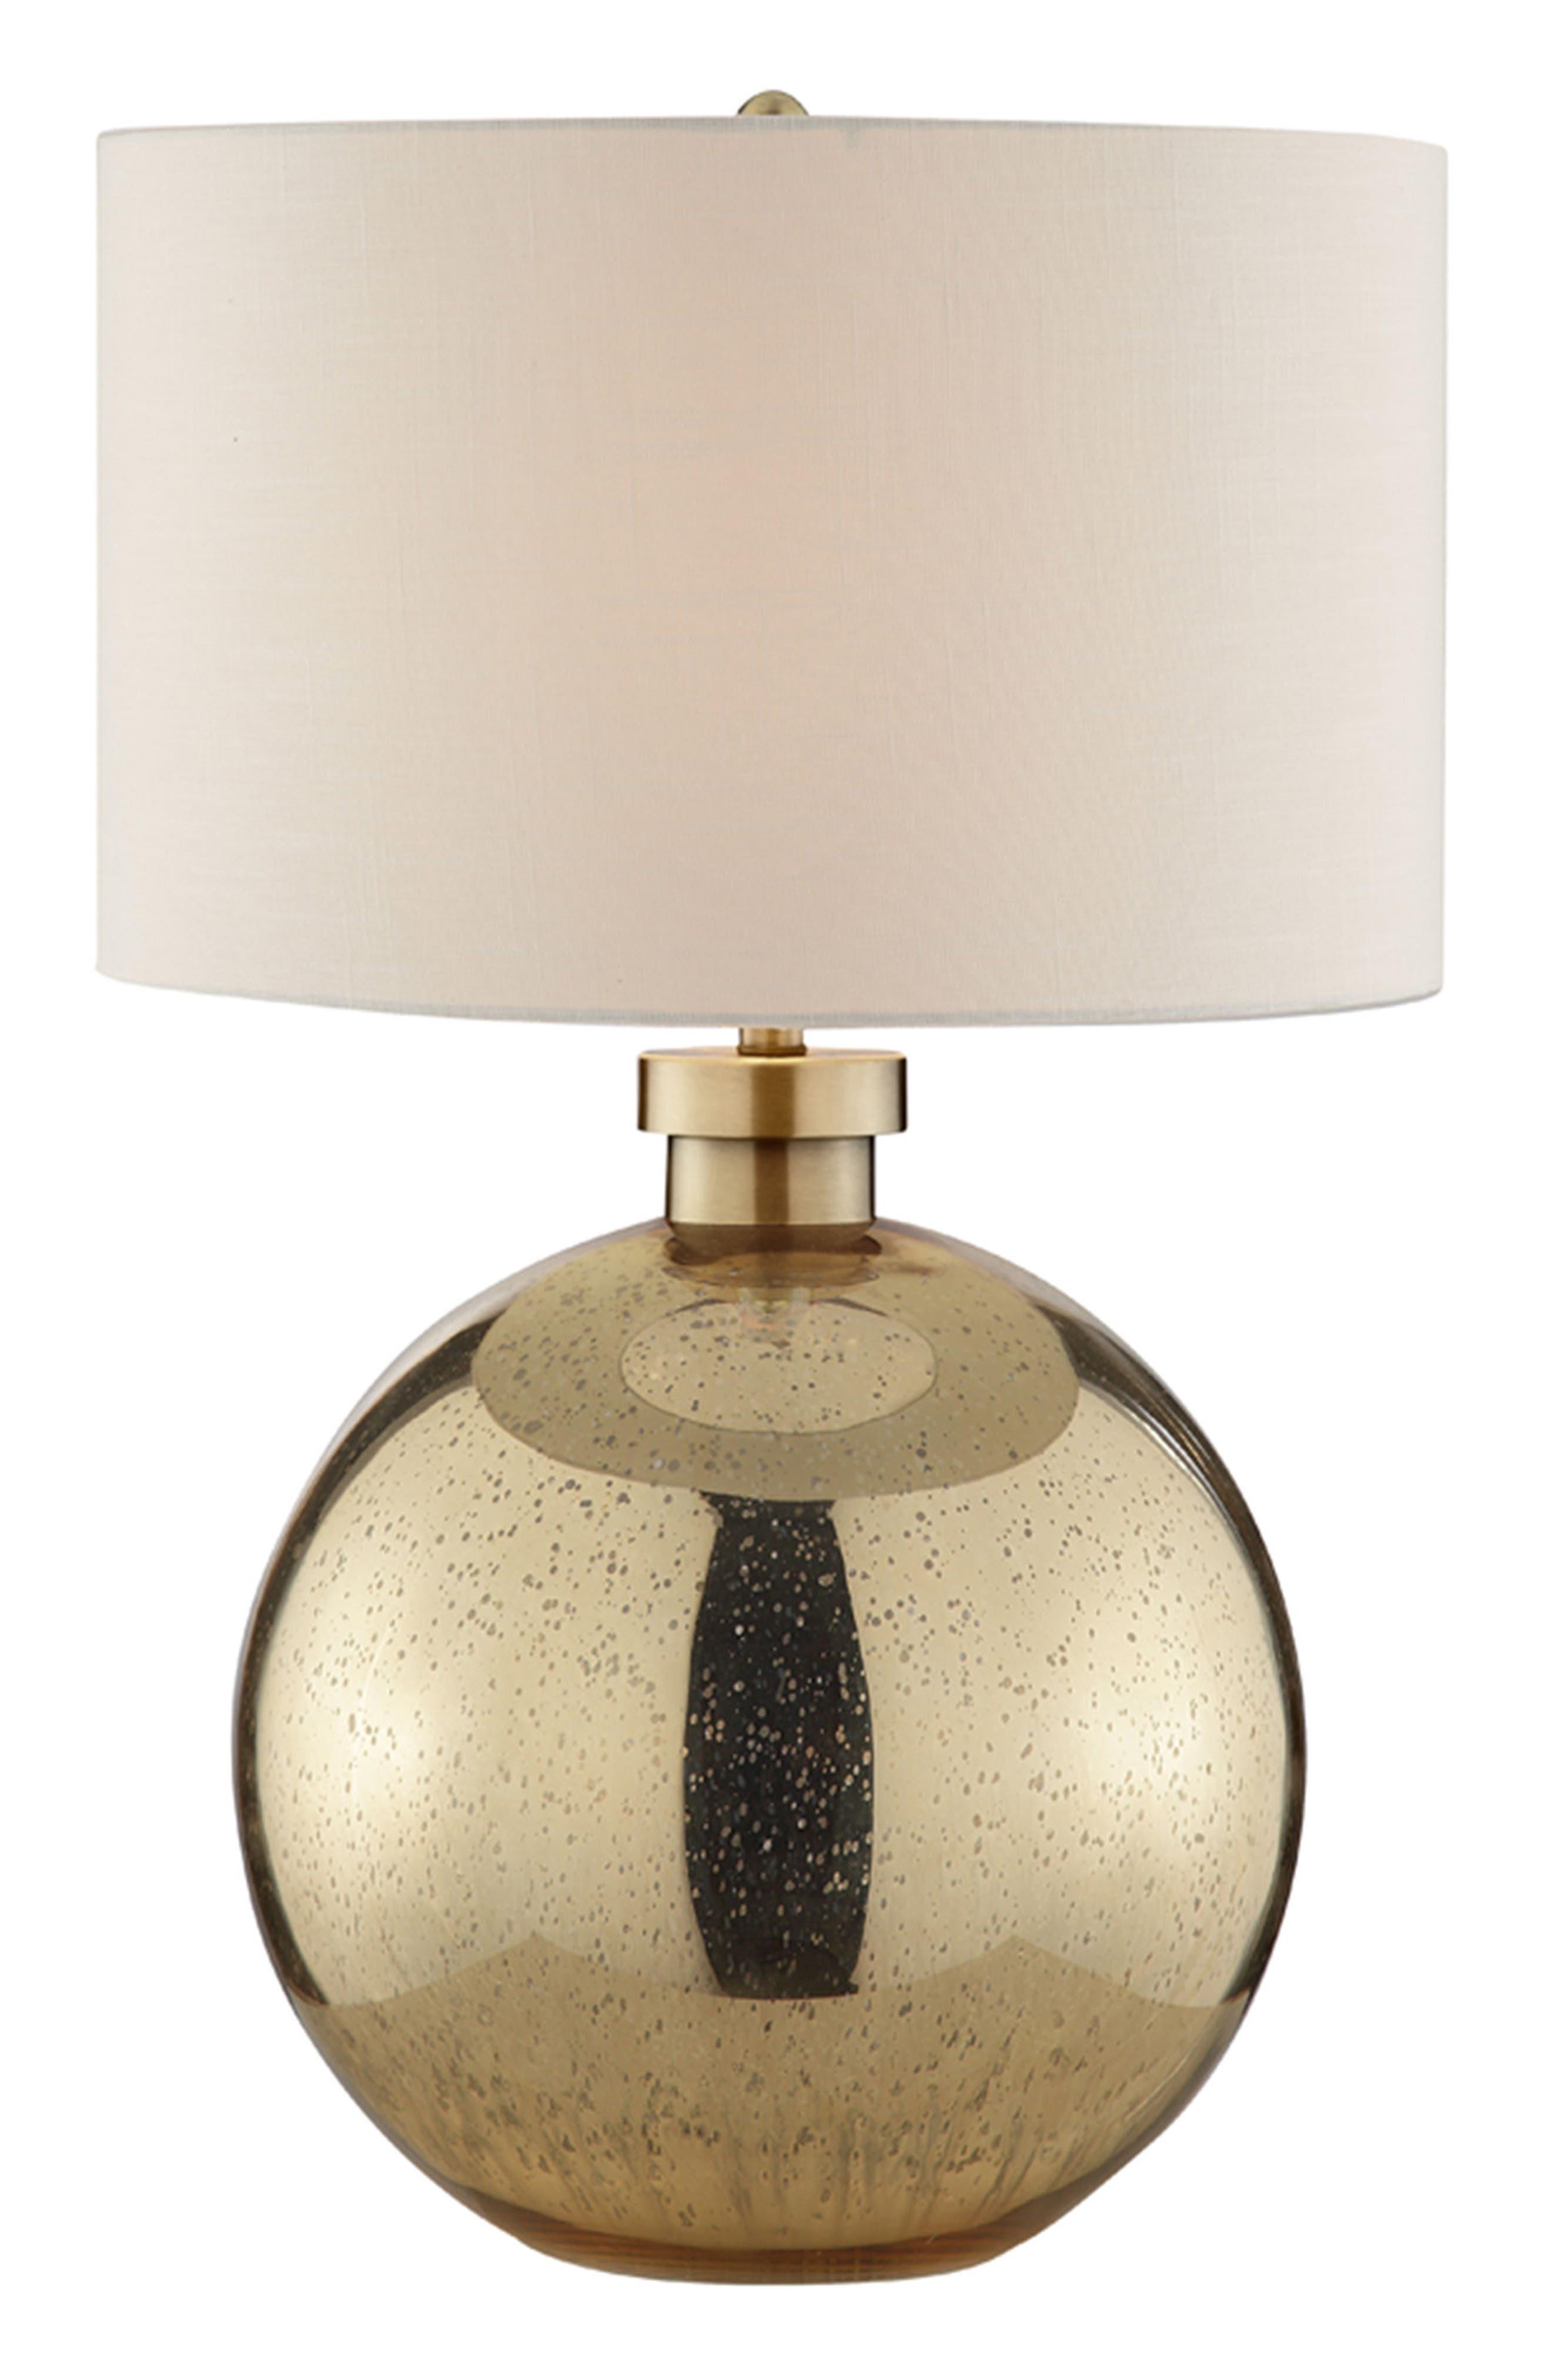 JAlexander Luna Gold Table Lamp